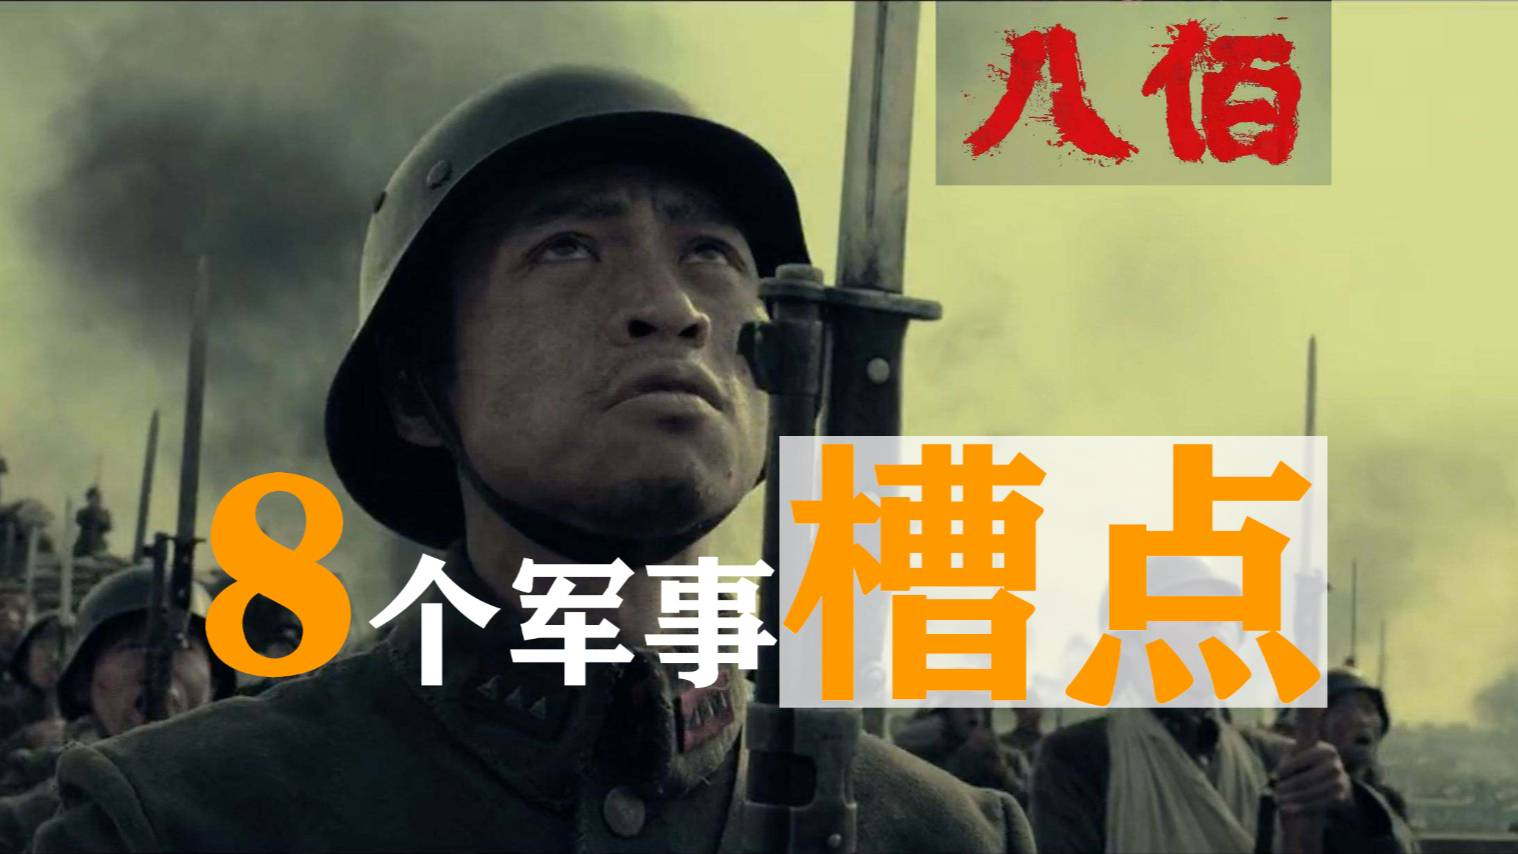 国军杀日本战俘练胆?日军像黑社会山口组?解读管虎导演的《八佰》的8个军事槽点